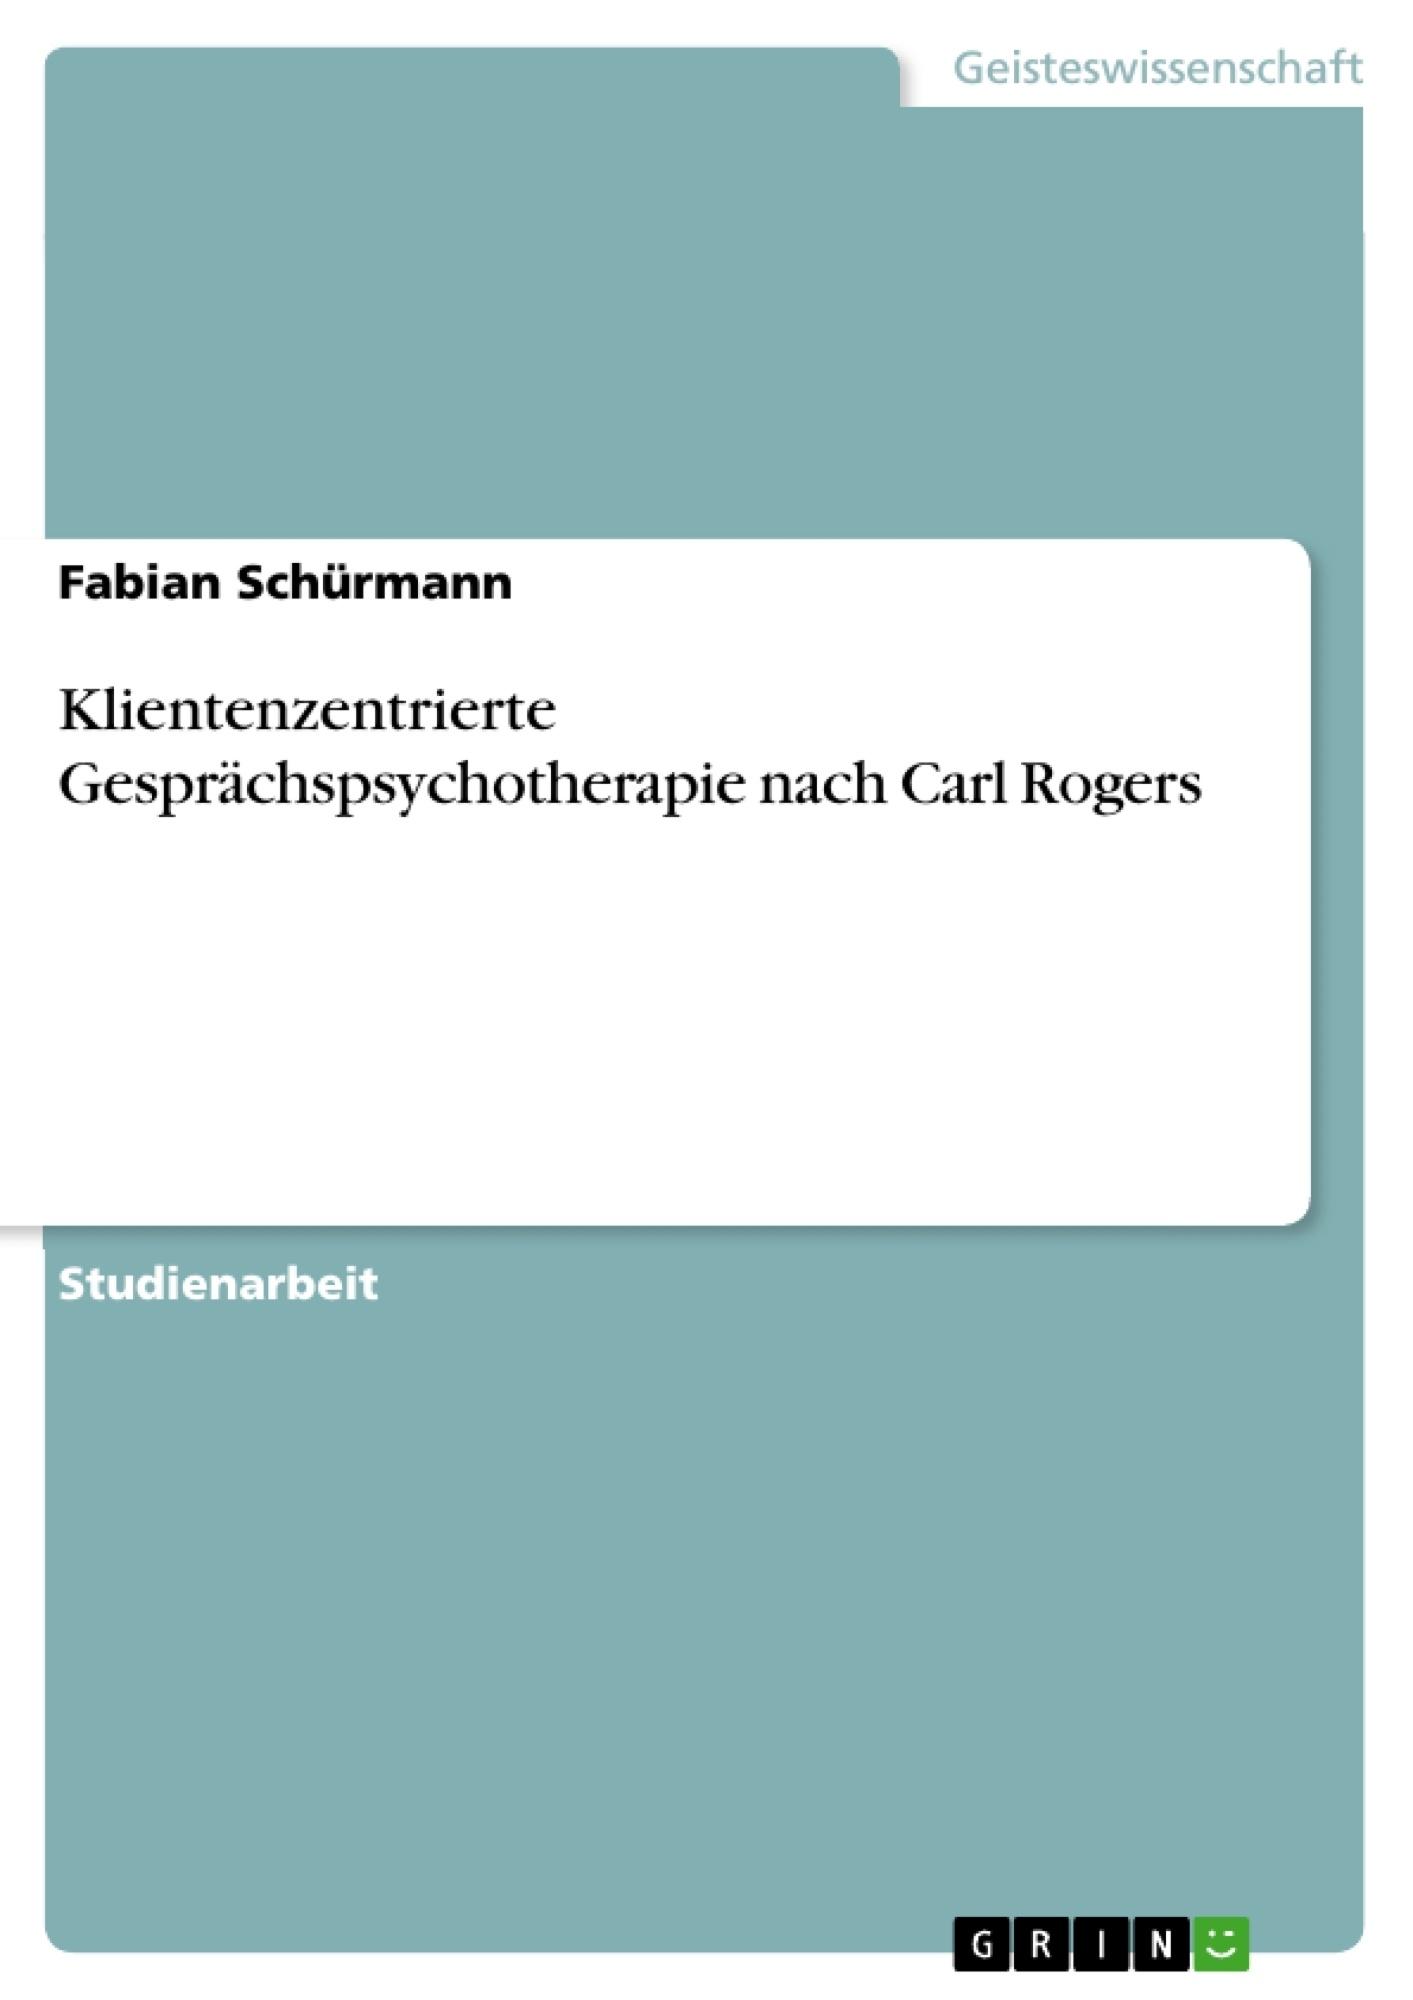 Titel: Klientenzentrierte Gesprächspsychotherapie nach Carl Rogers